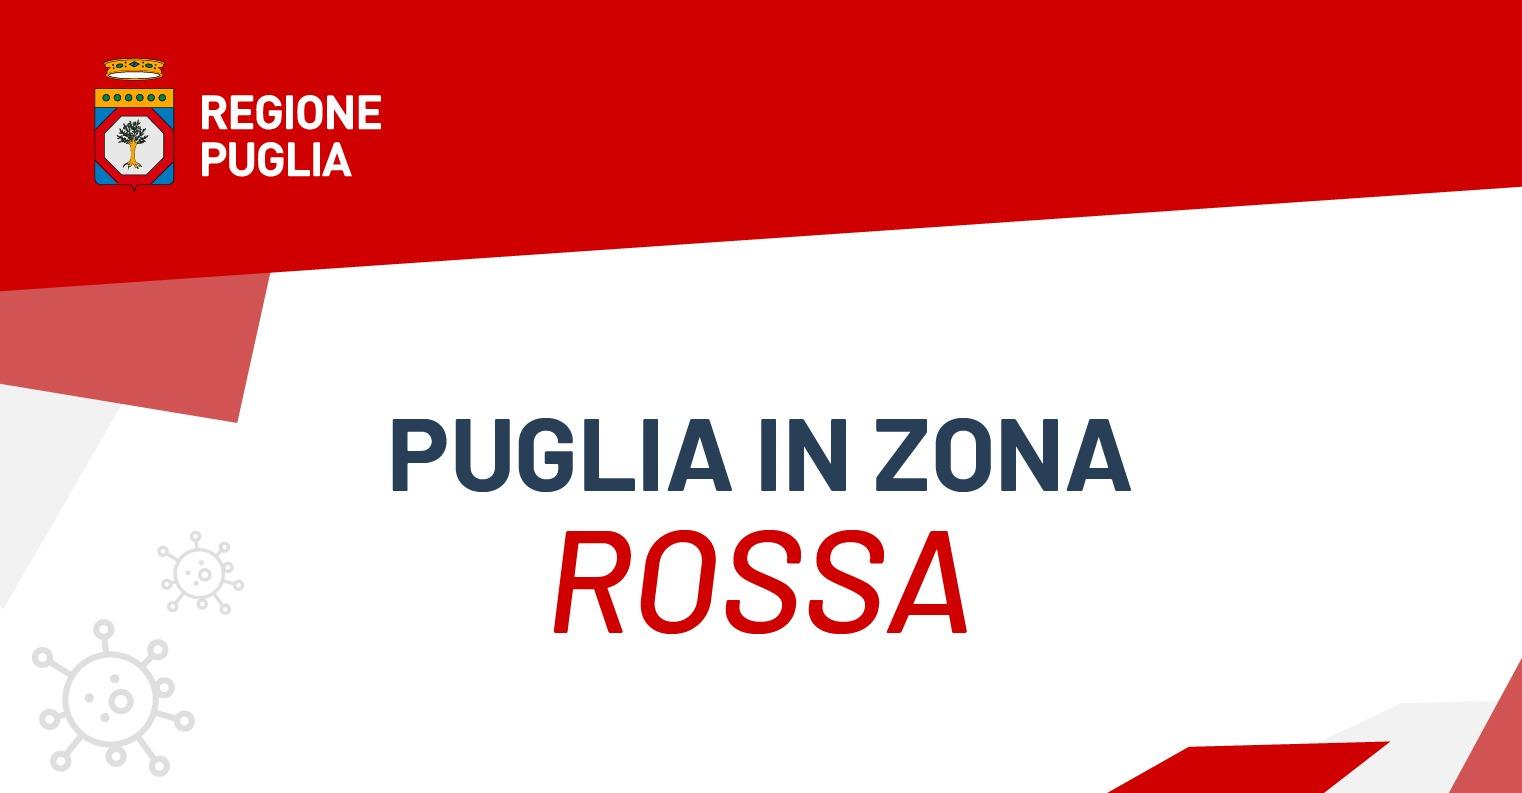 Puglia in zona rossa da lunedì 15 marzo